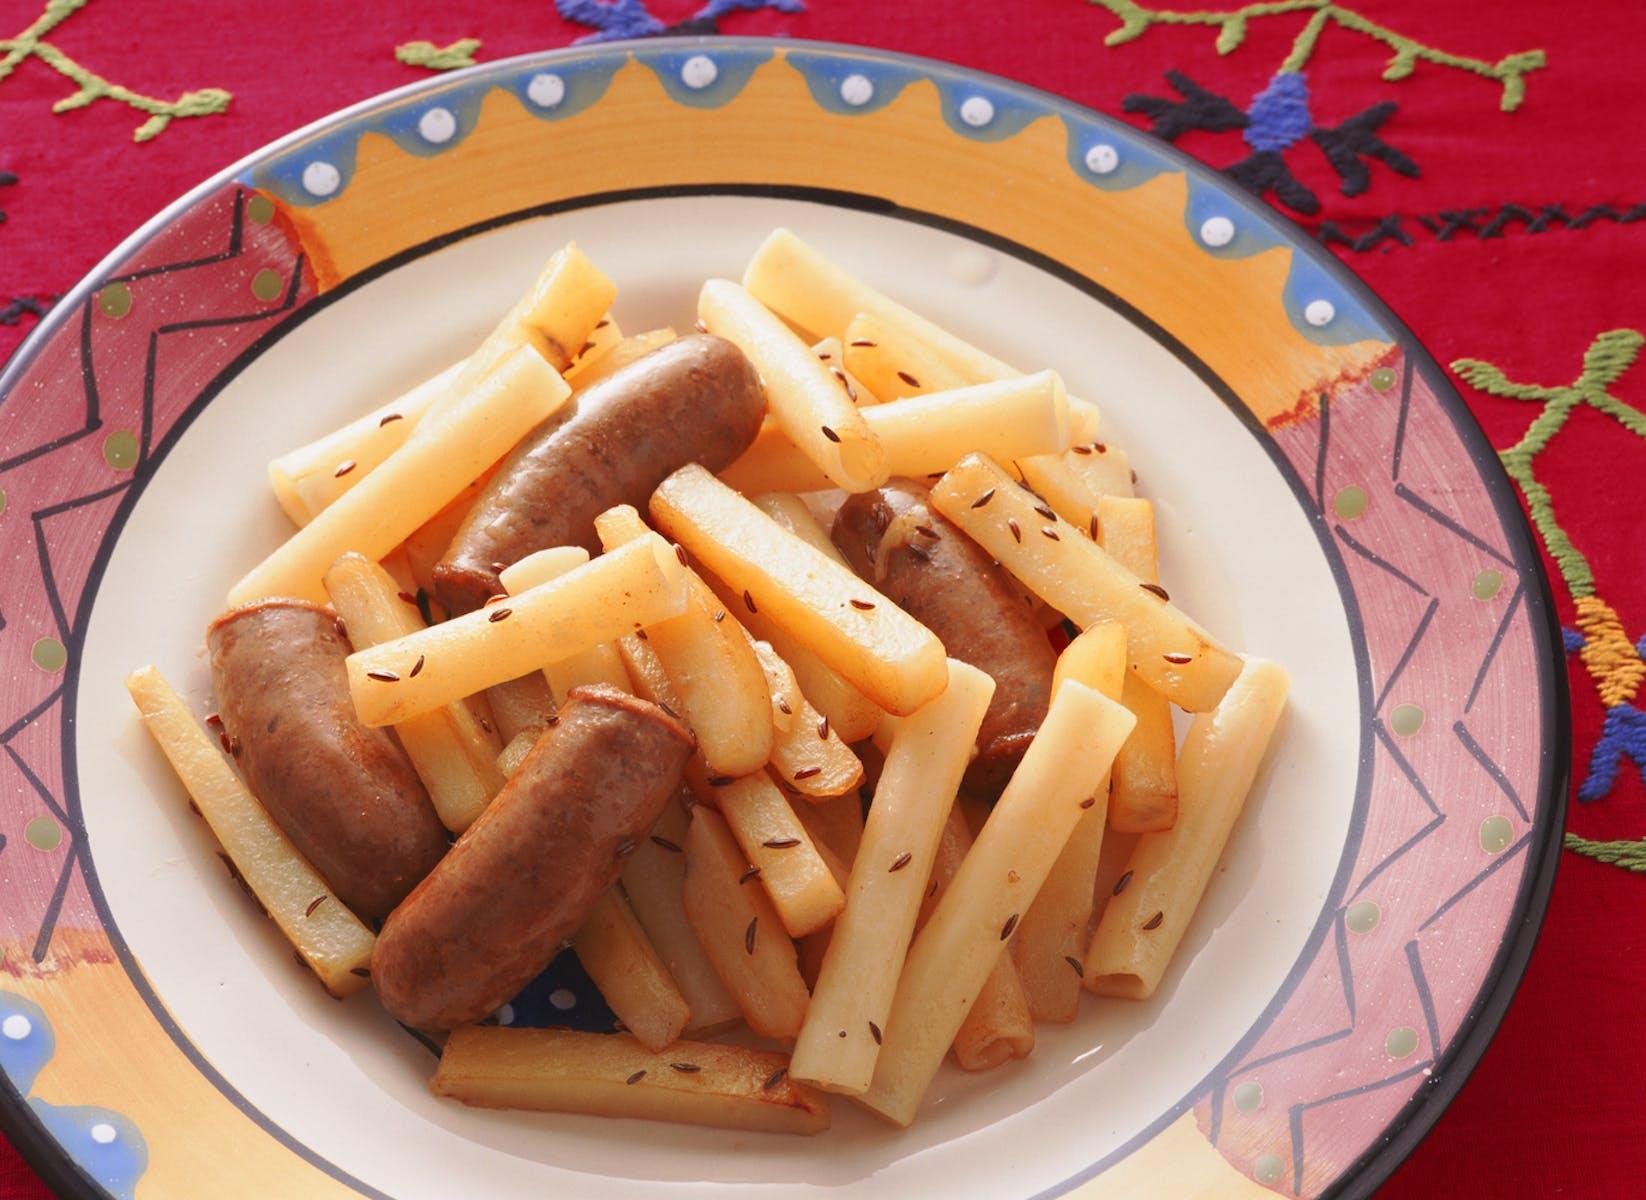 ポテトとソーセージのマカロニソテー